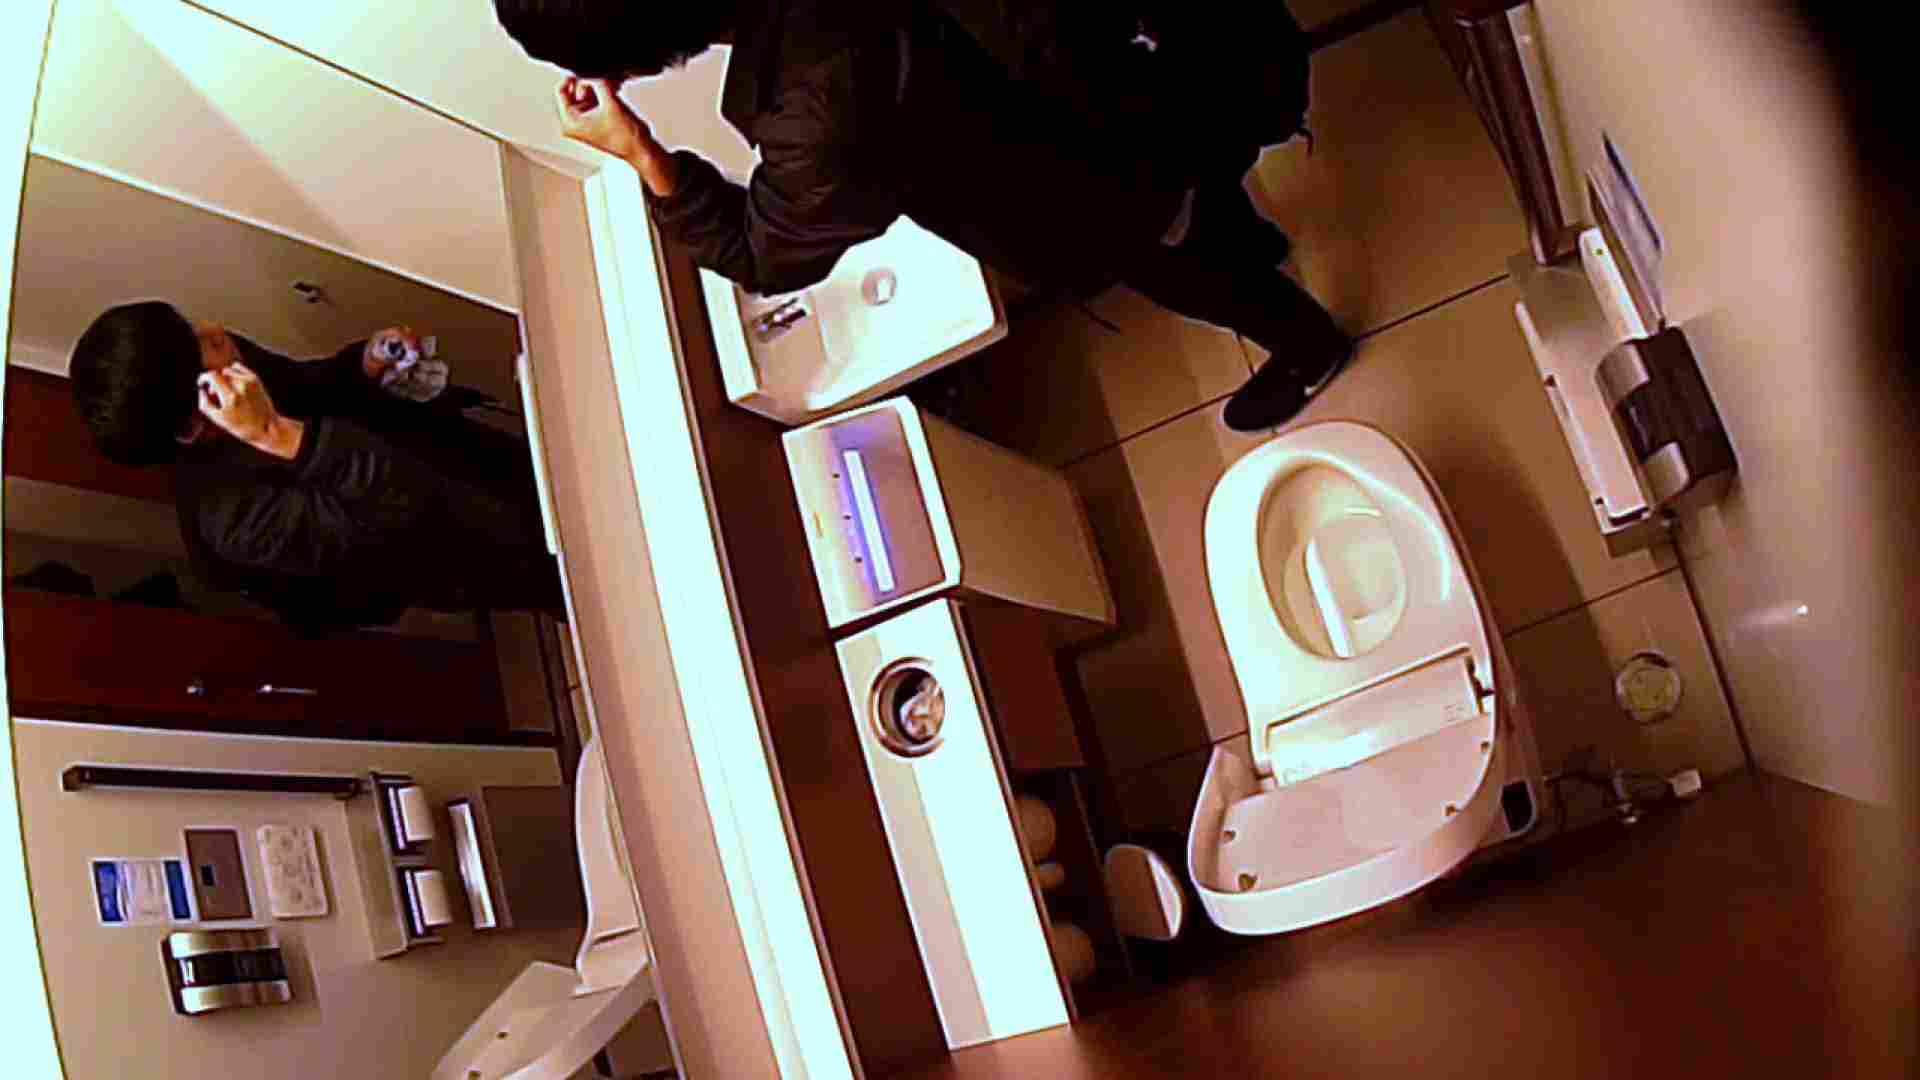 すみませんが覗かせてください Vol.32 トイレ | 0  102pic 86